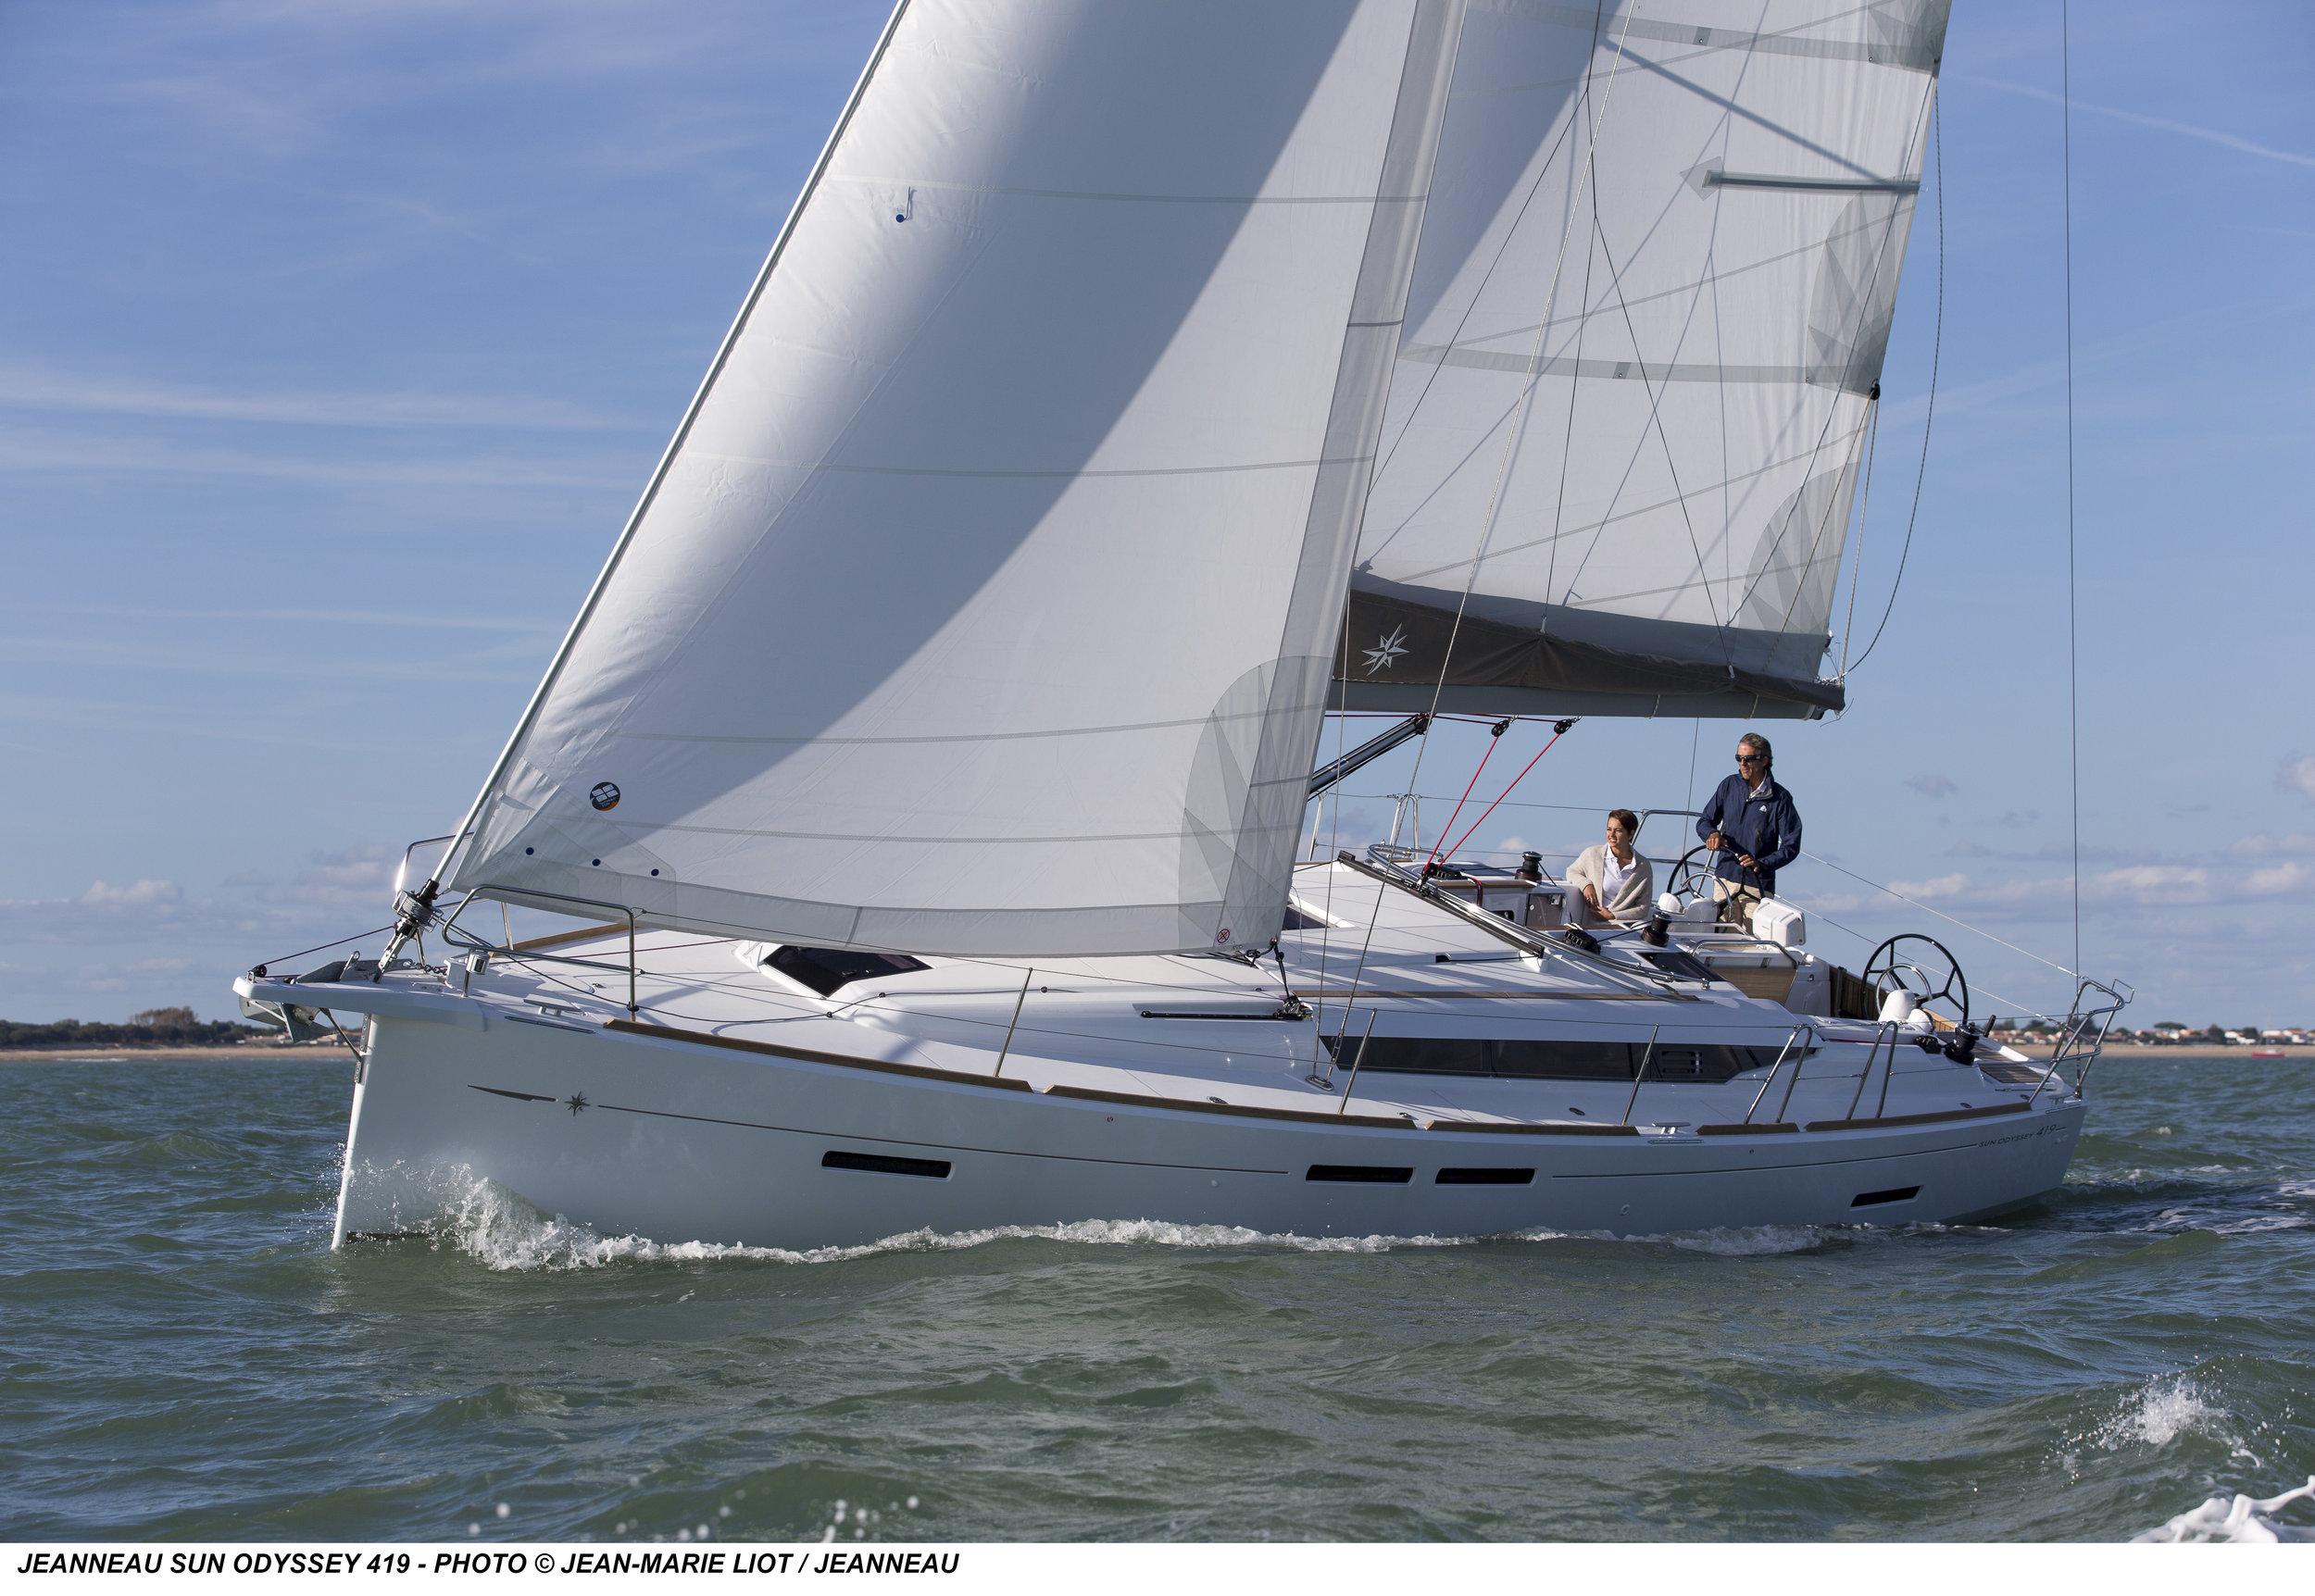 boat-379_exterieur_20110823100308.jpg